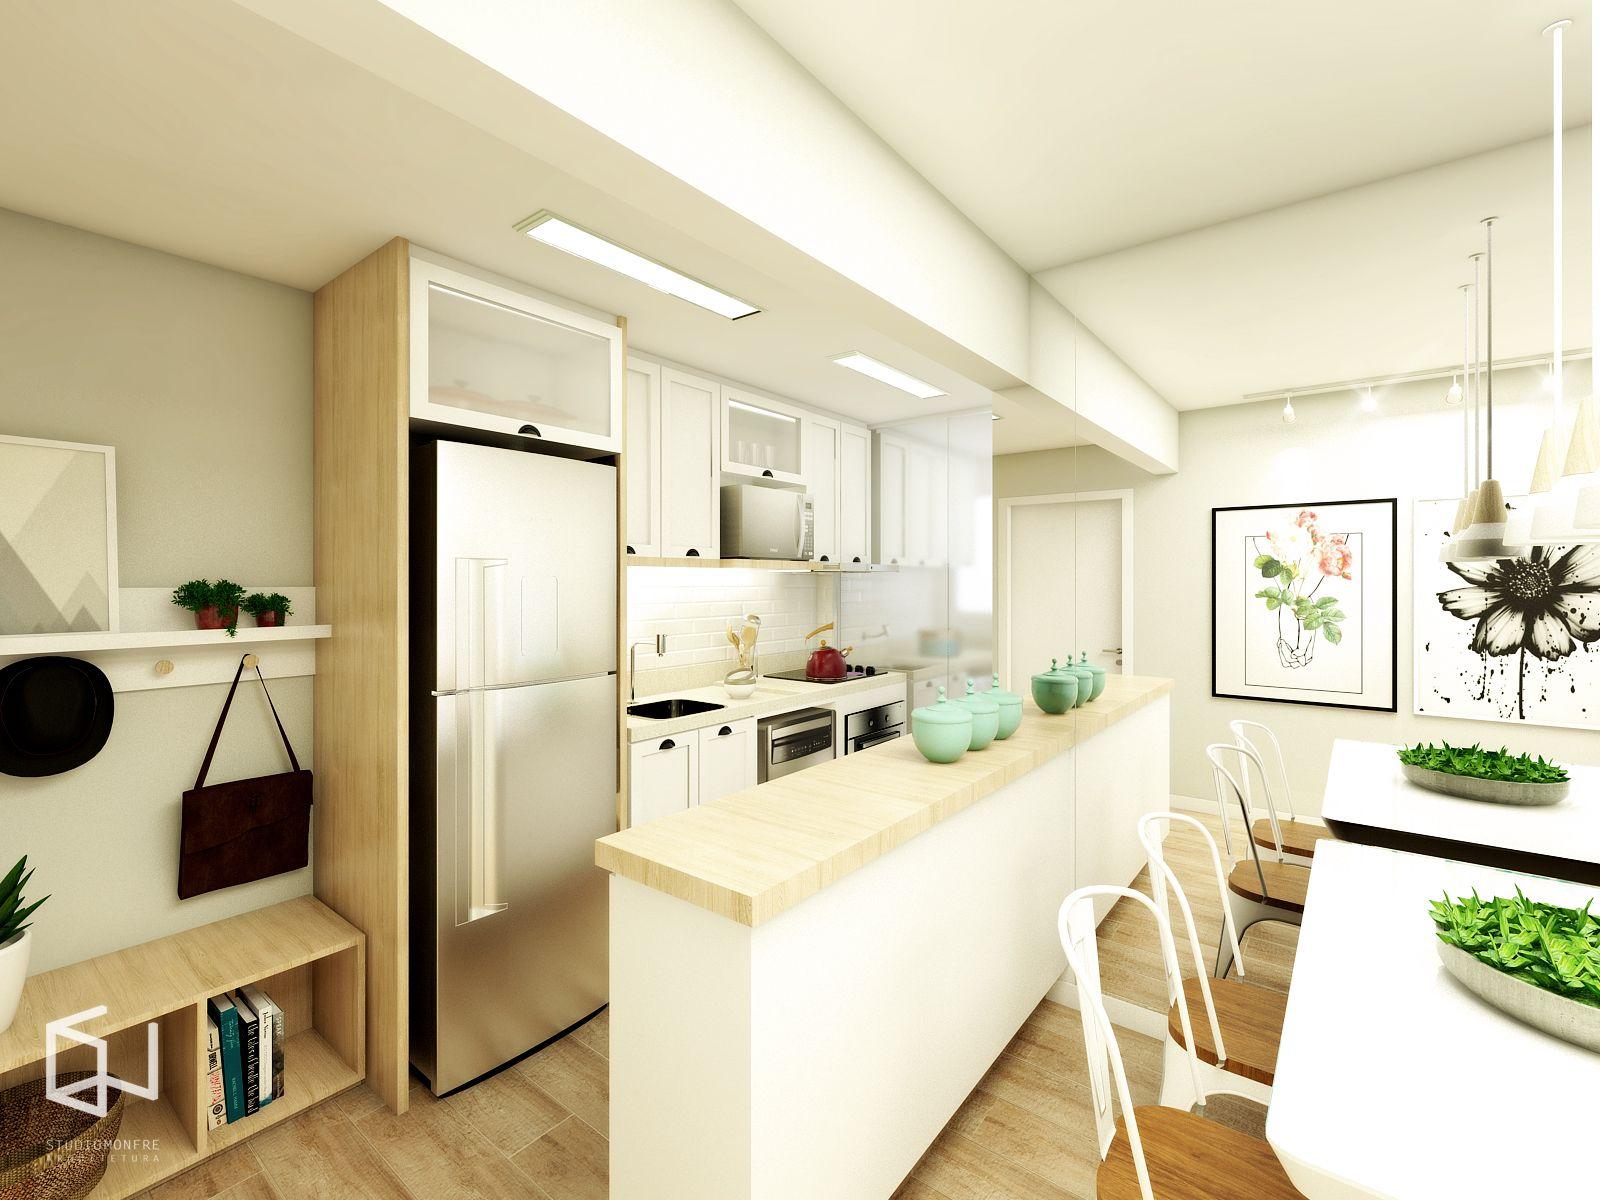 Studio Monfr Cozinha Integrada Com A Sala Cozinha Kitchen  -> Abertura Entre Cozinha E Sala